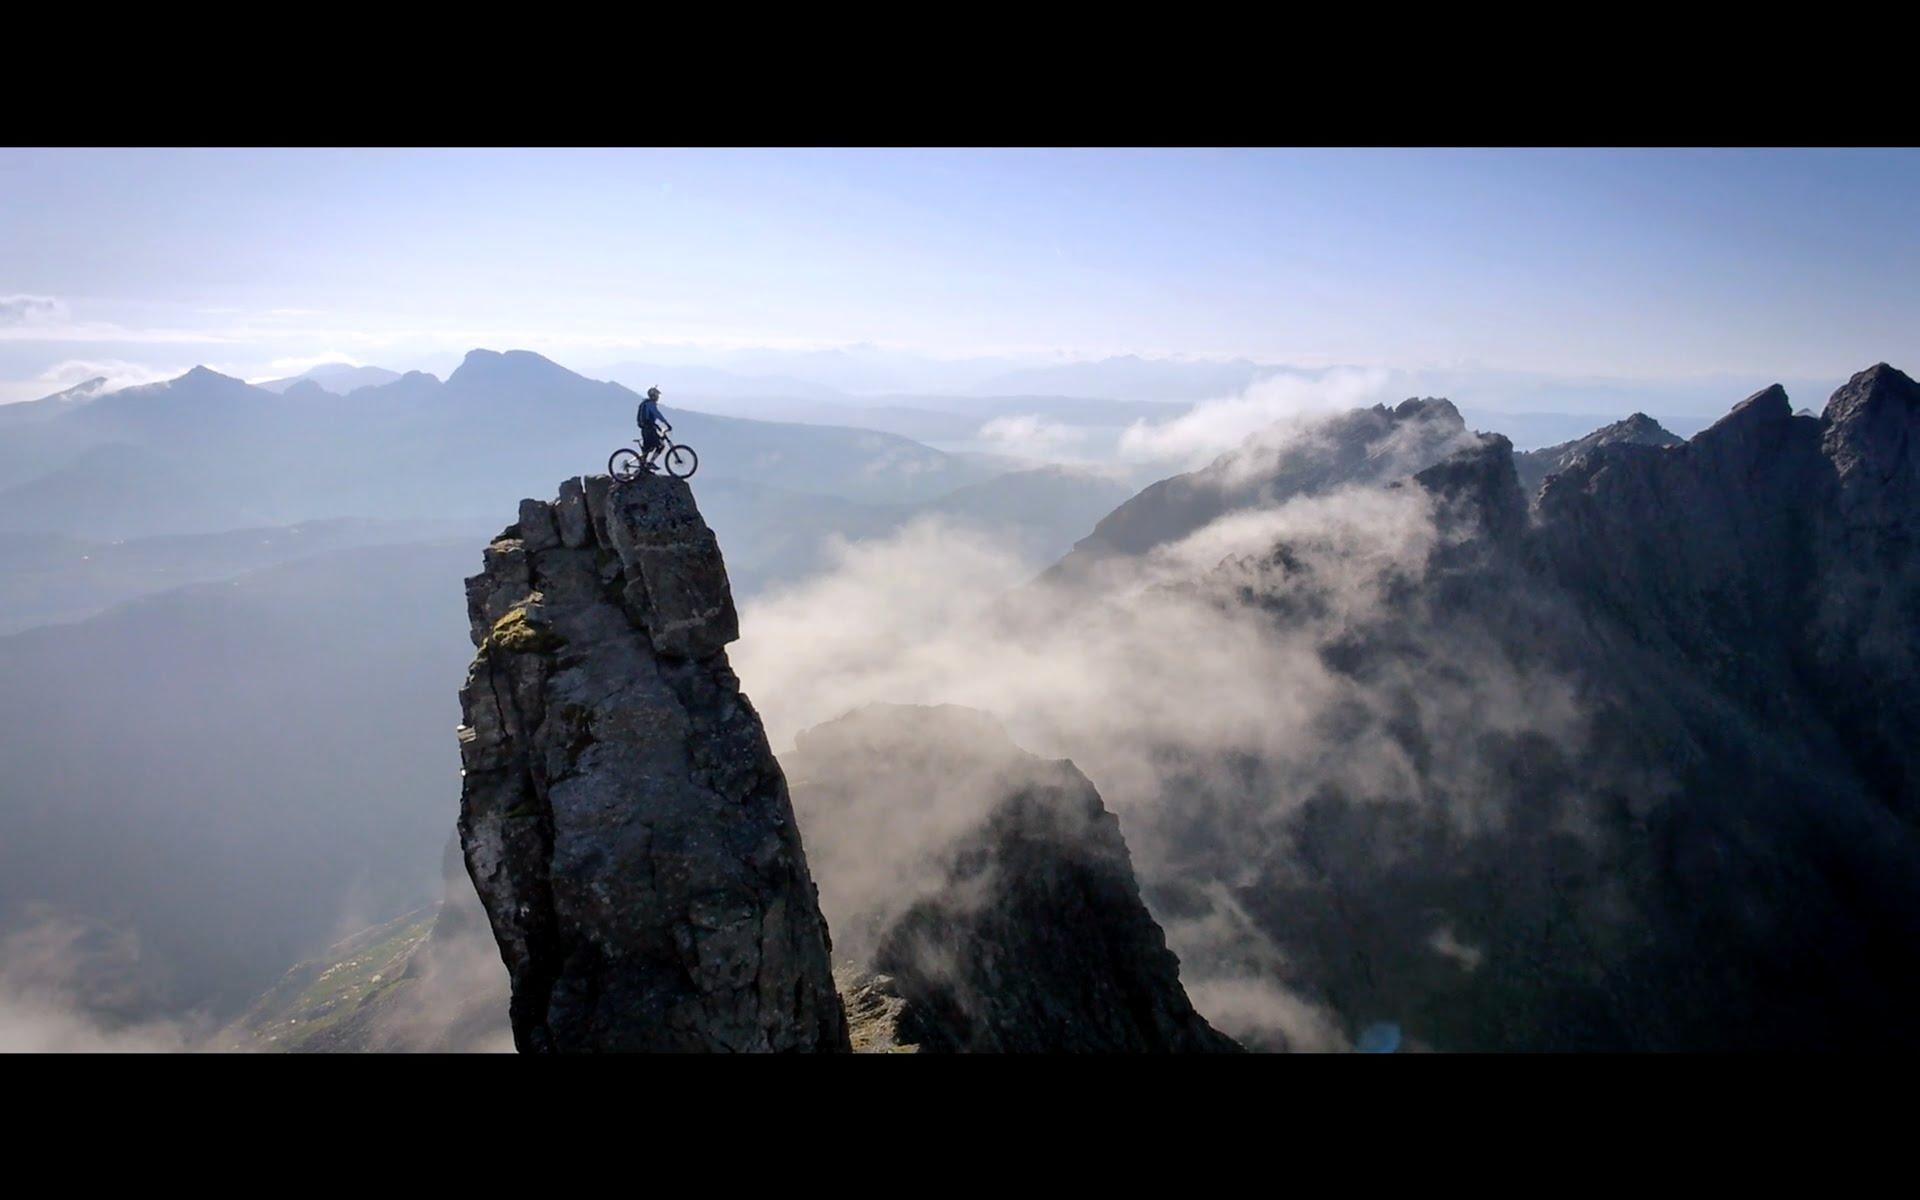 أخطر صعود لقمة جبل شاهق بوساطة دراجة هوائية..! (فيديو)